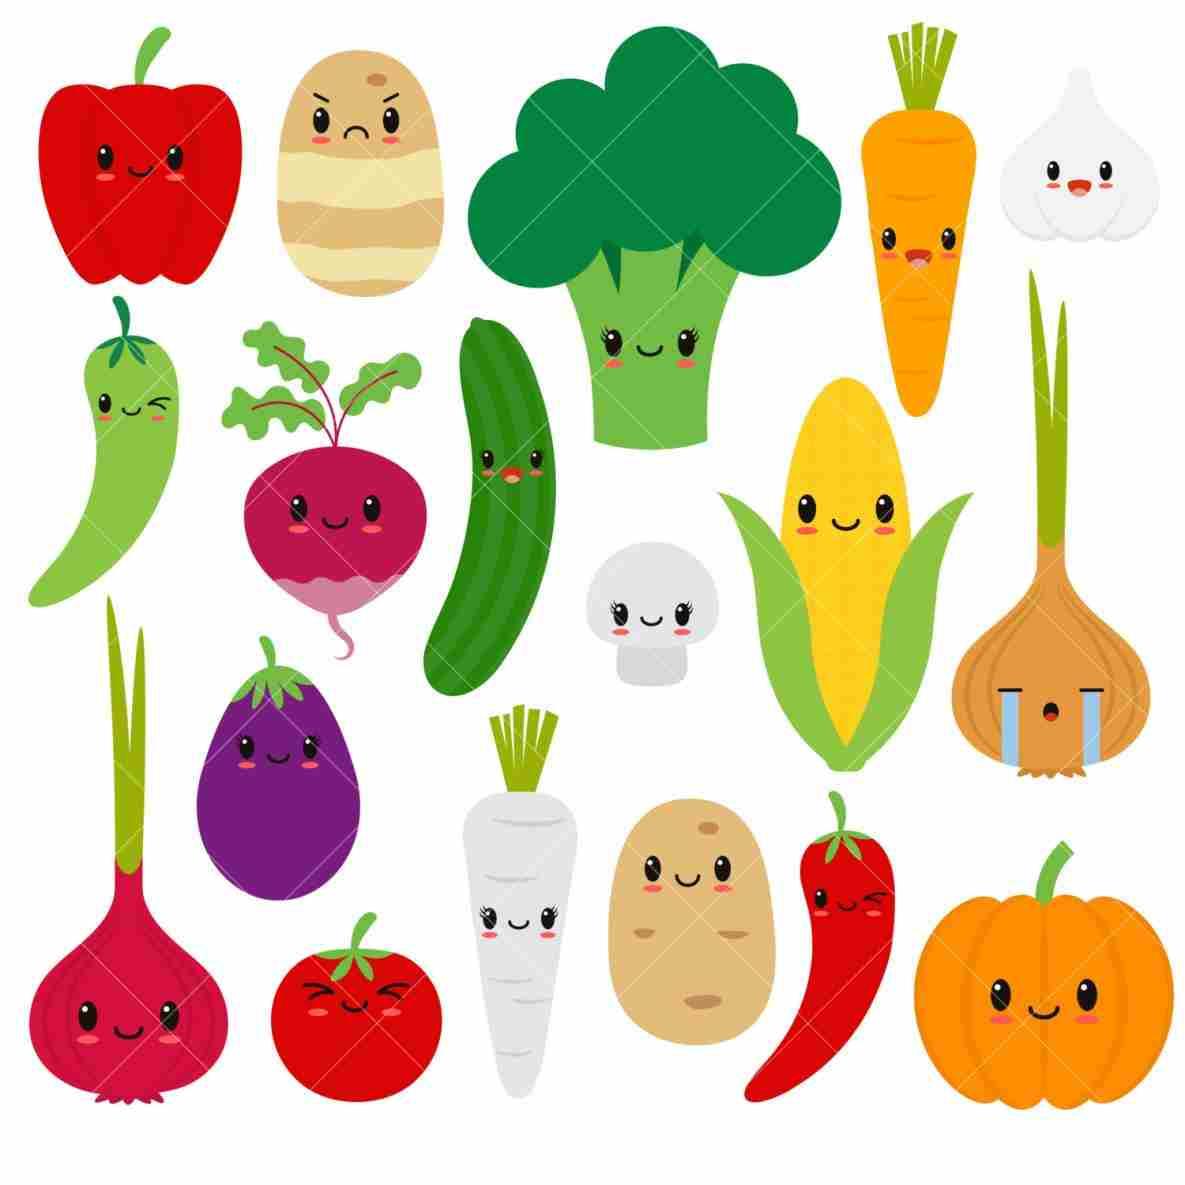 1185x1185 Panda Free Images Panda Vegetable Garden Clip Art Free Images